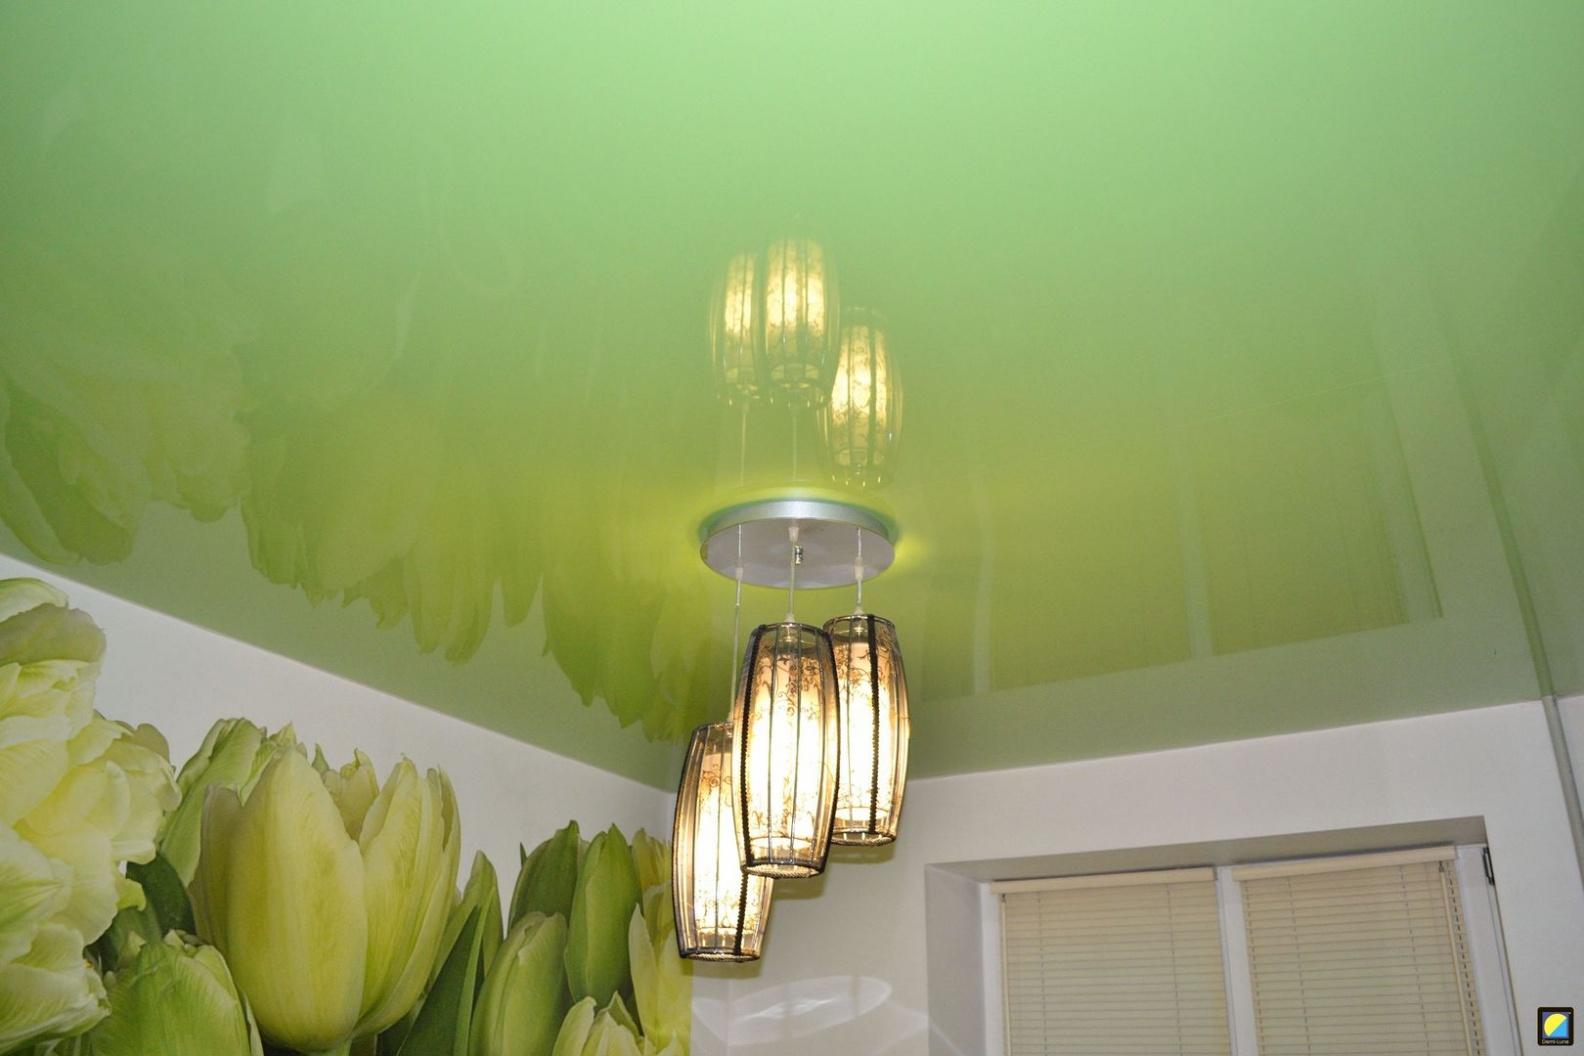 Фисташковый зеленоватый глянцевый натяжной потолок в квартире